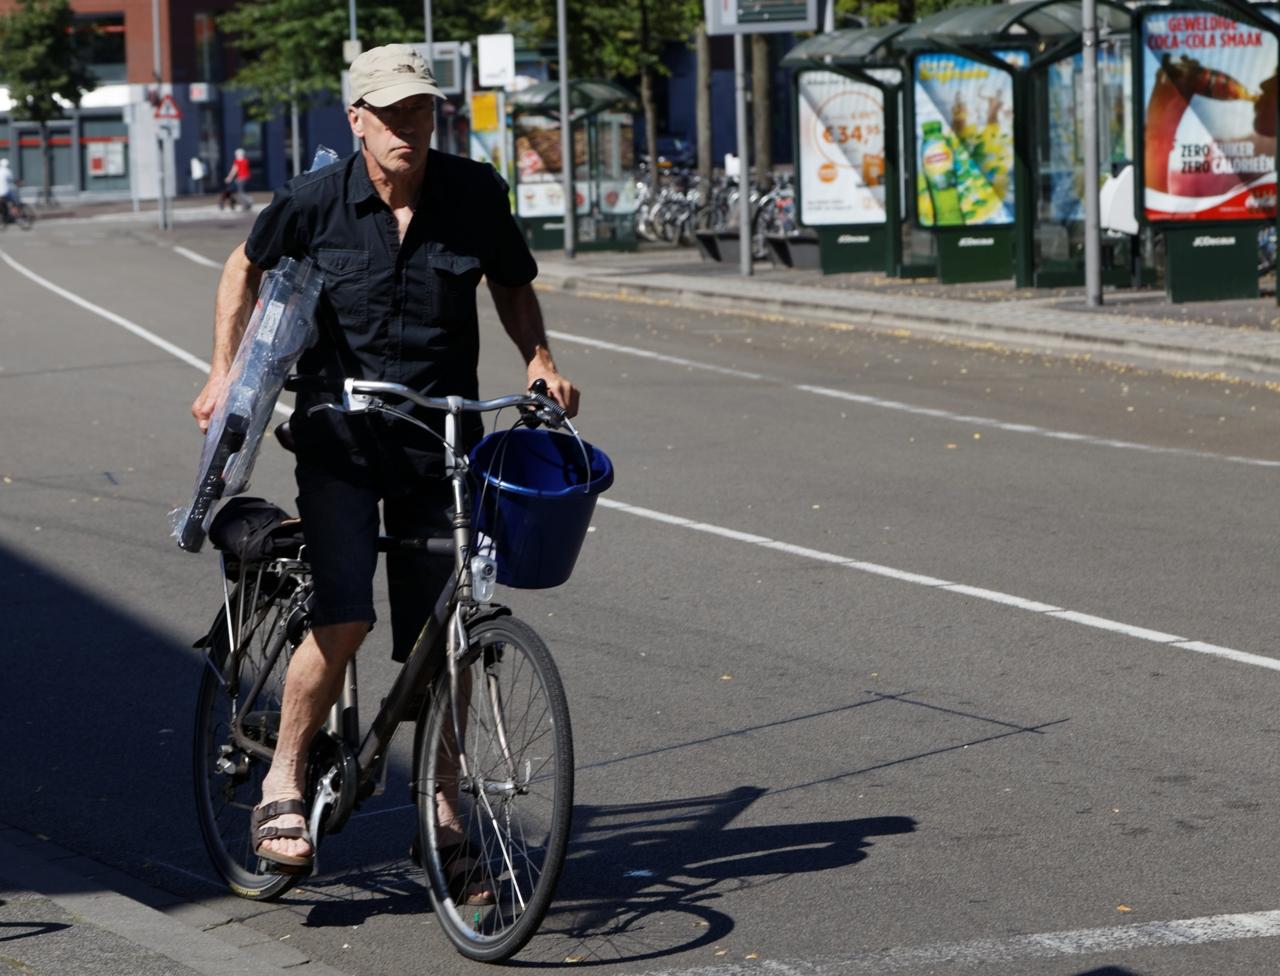 Mann på sykkel med stige